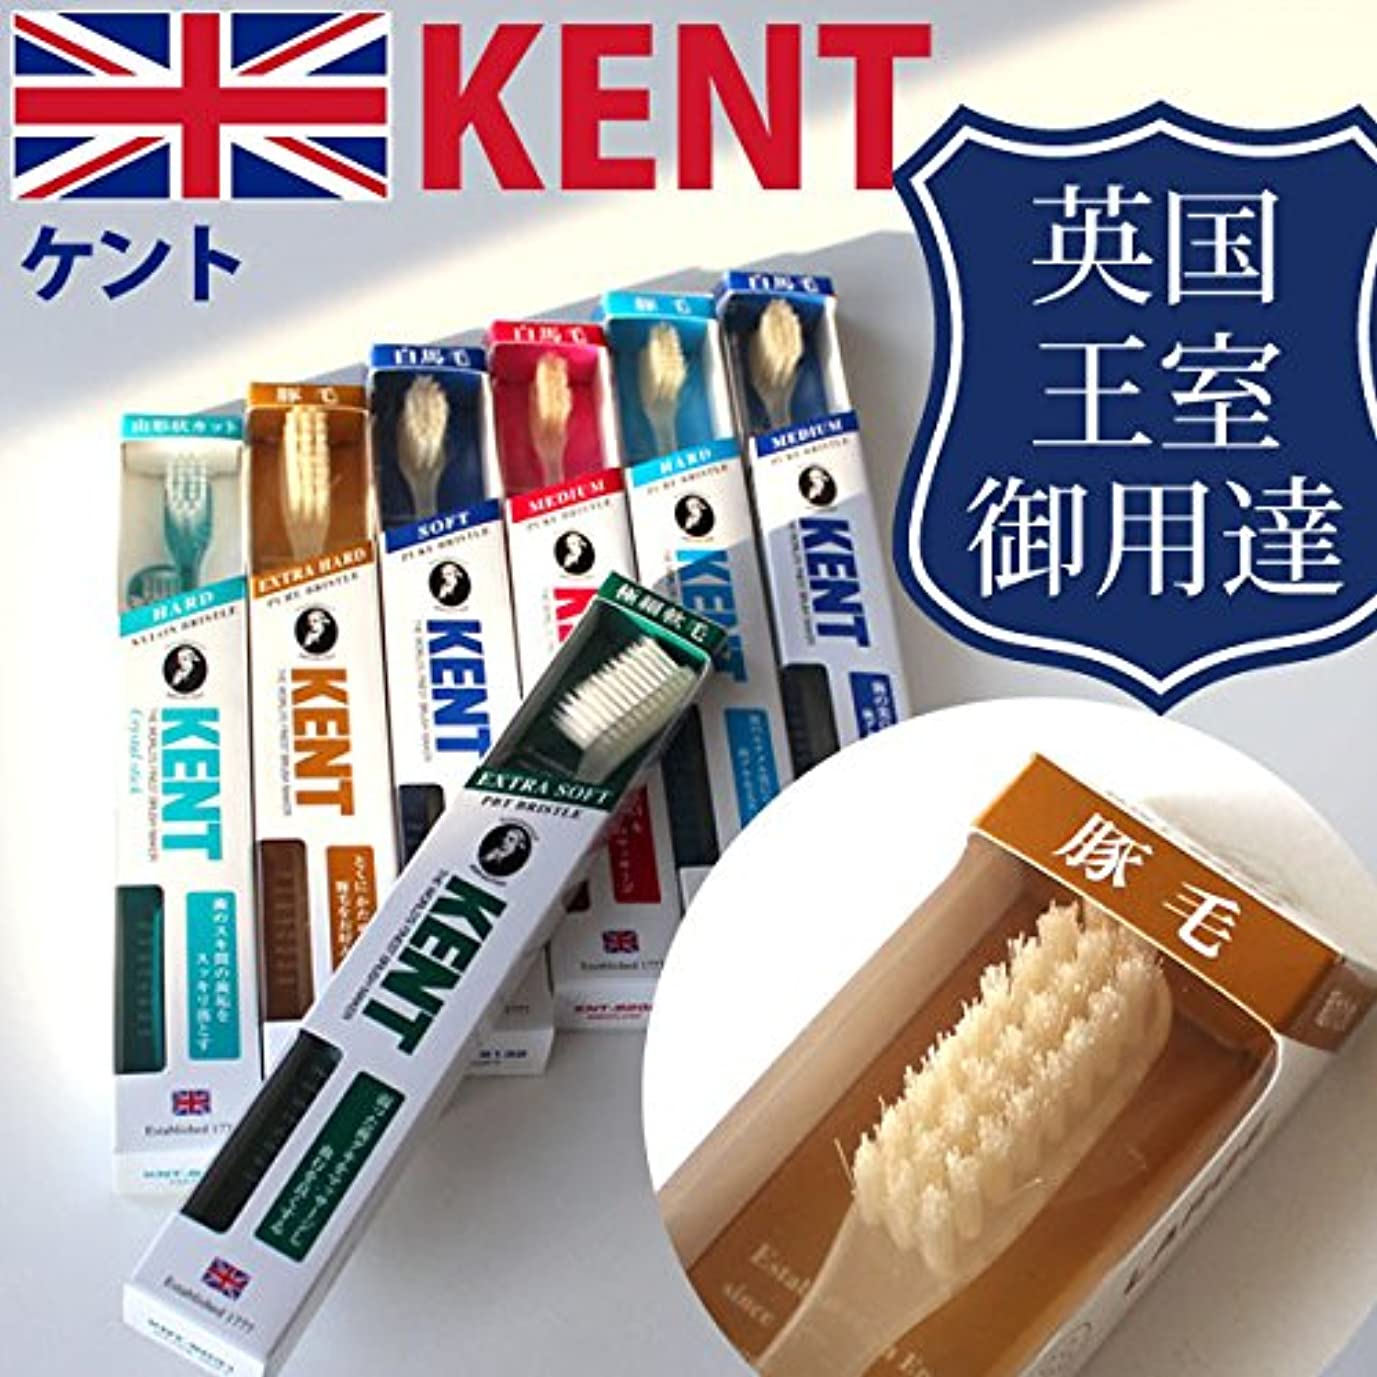 文明化散文大混乱ケント KENT 豚毛 ラージヘッド 歯ブラシKNT-9433 超かため 6本入り しっかり磨ける天然毛のラジヘ